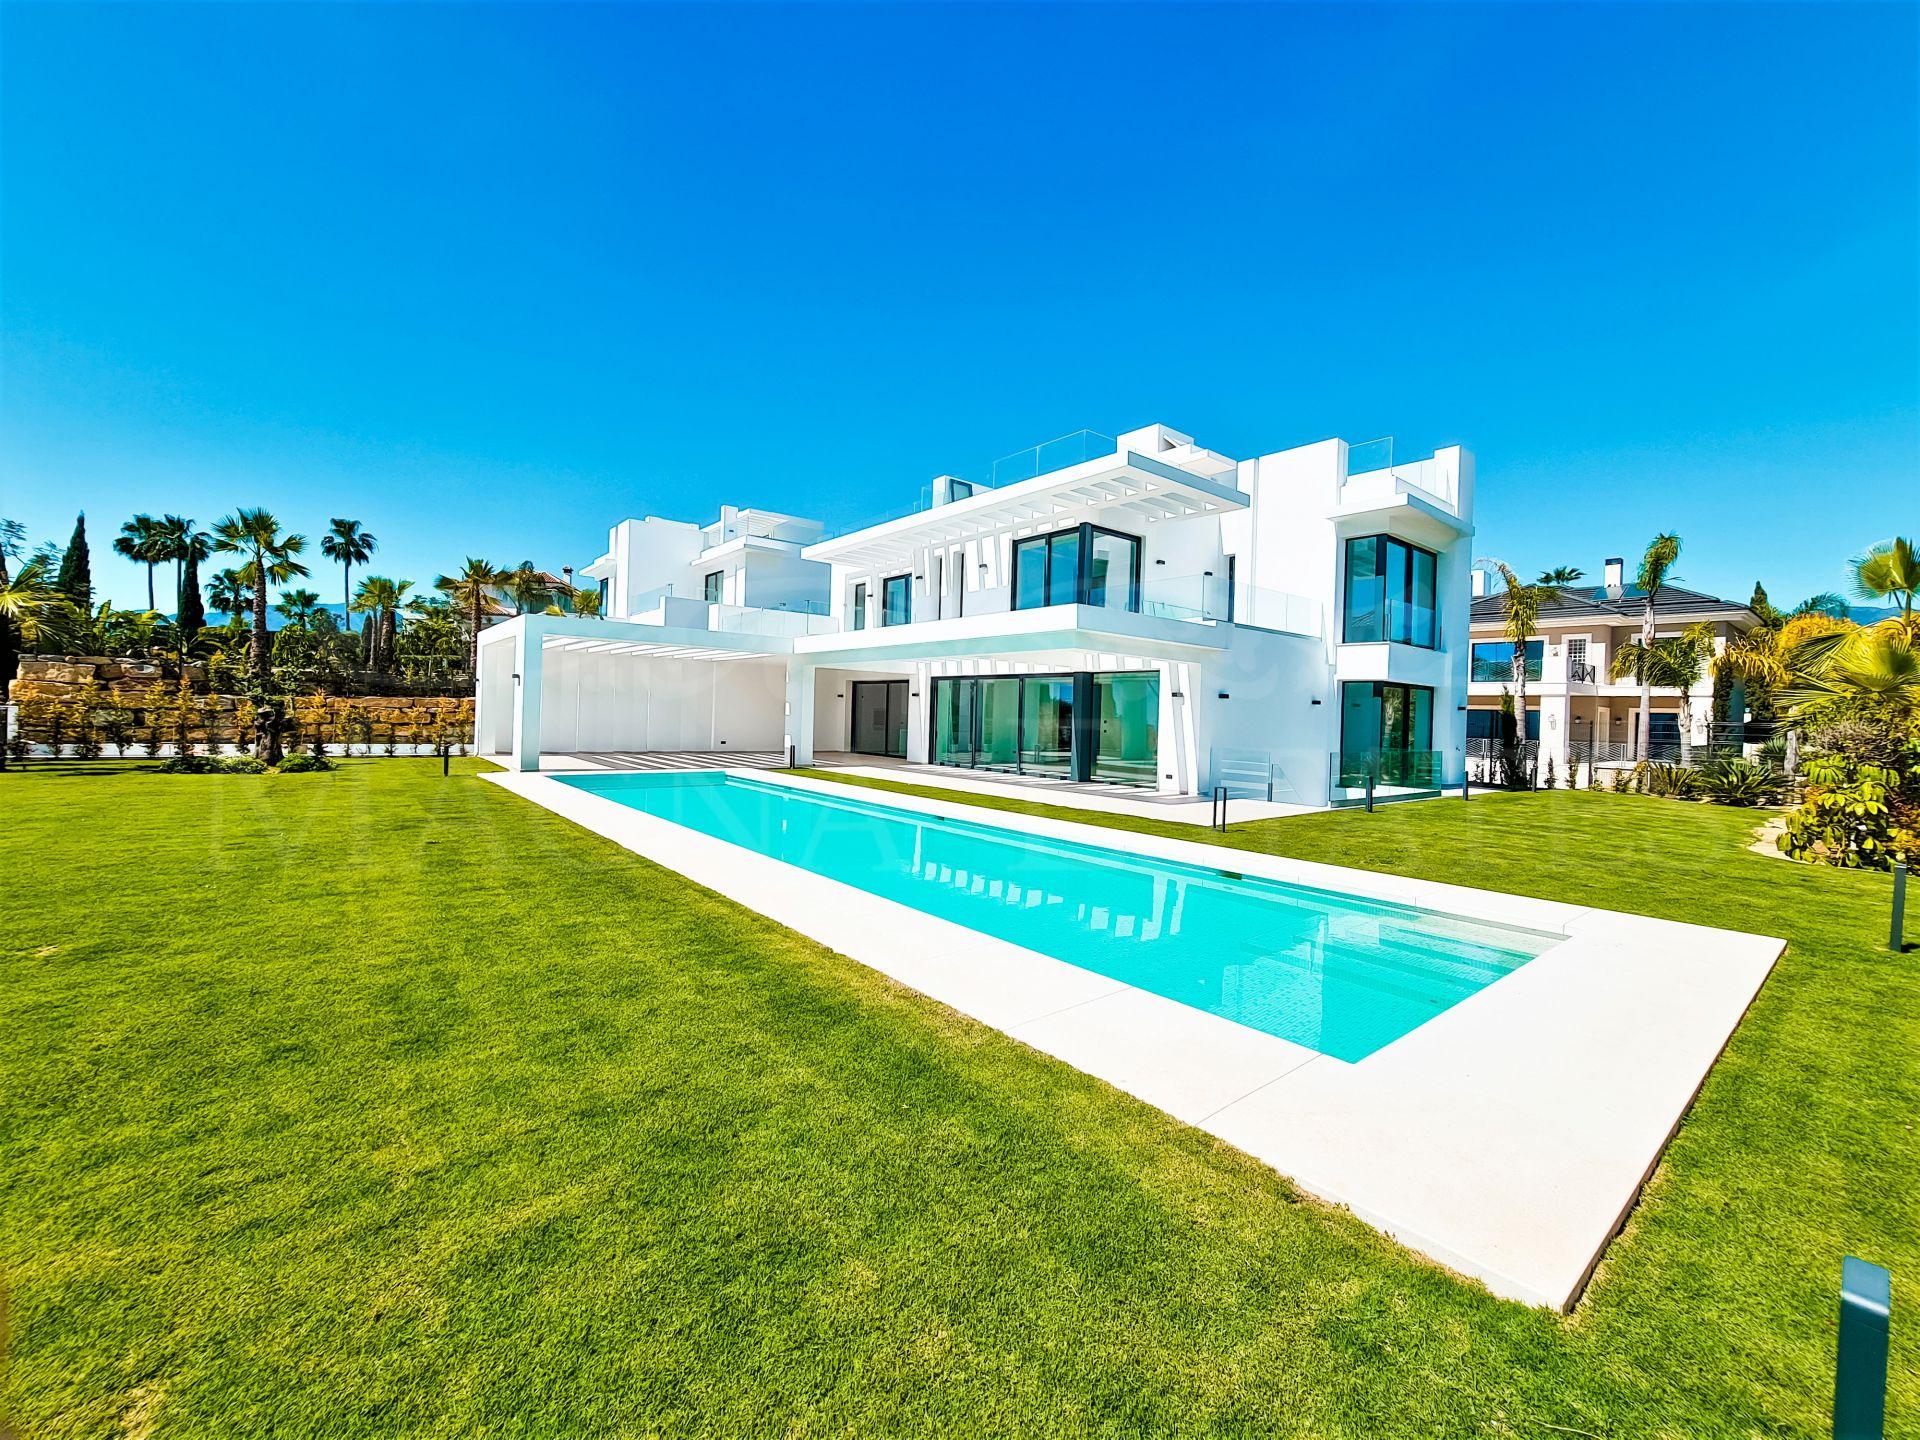 Espléndida villa familiar de nueva construcción en Los Flamingos, Estepona